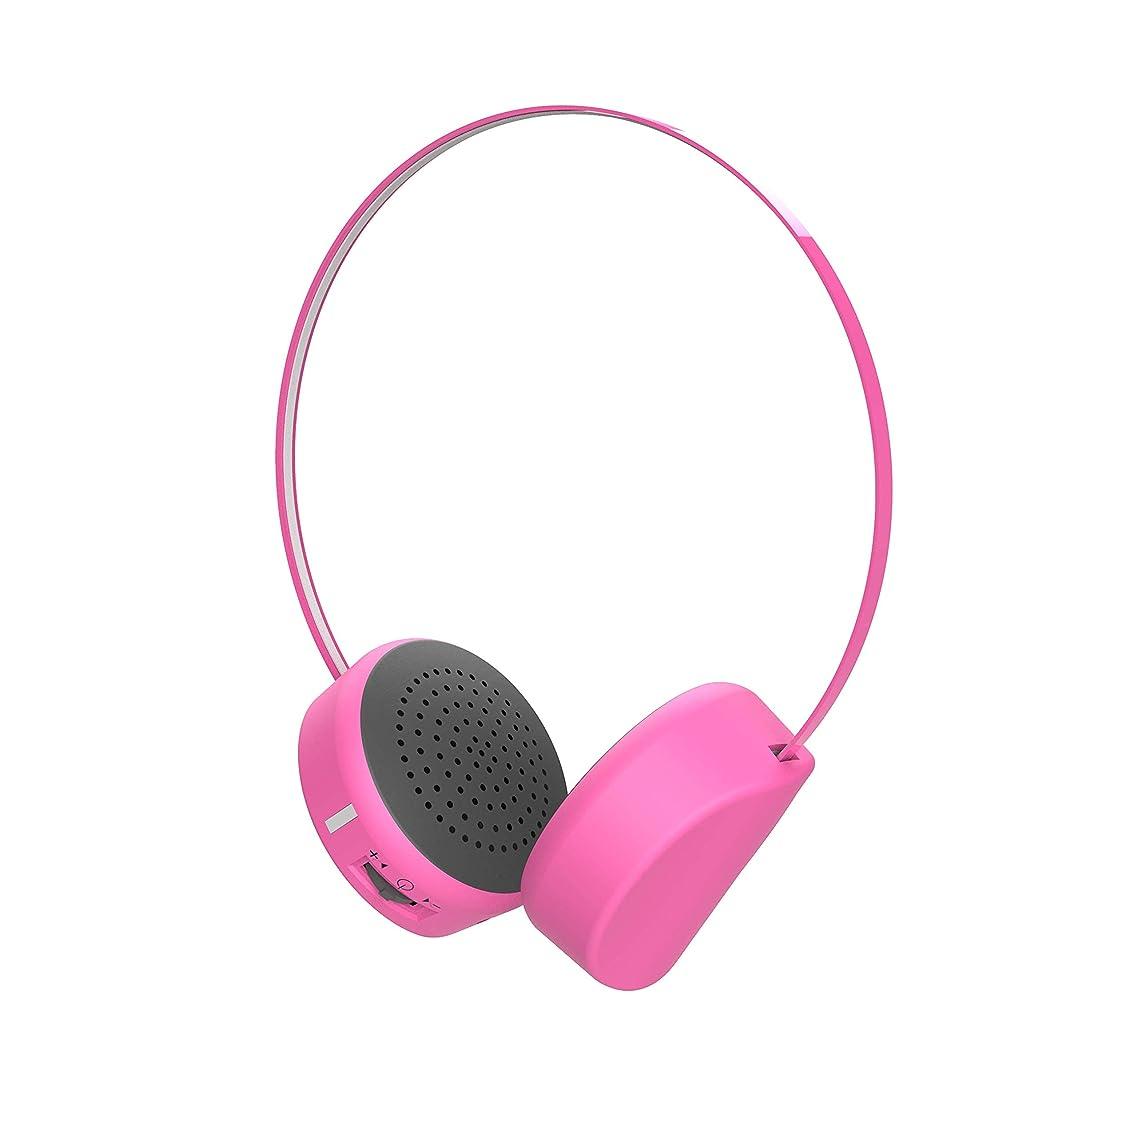 ラメ疑い製作【Oaxis 】 myFirst Headphones Wireless 85dB音量制限付き ブルートゥース式 ヘットフォン 【子供専用】【超軽量】マイク内蔵式 超軽量 高音質 人間工学 長持ちバッテリー ピンク